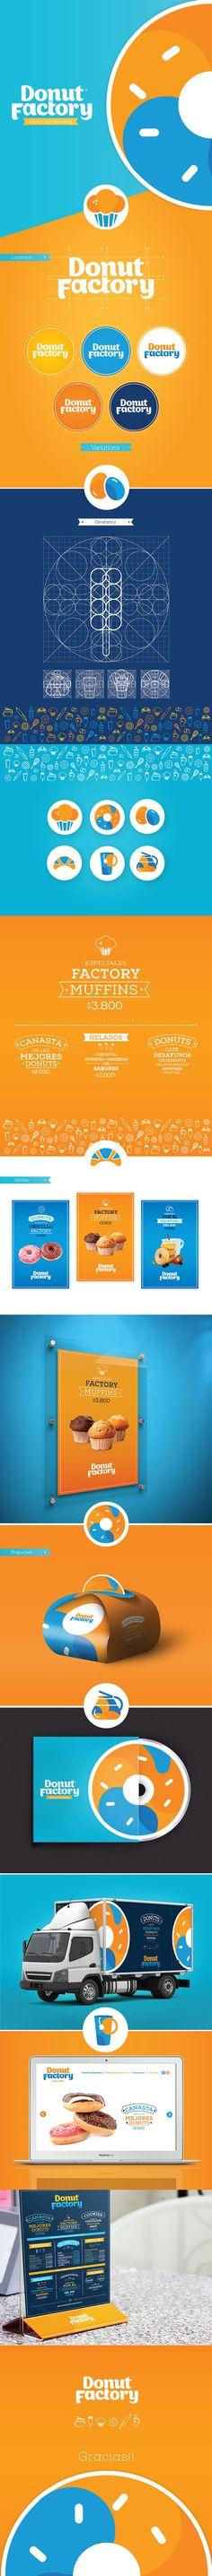 Branding Donut Factory on Behance